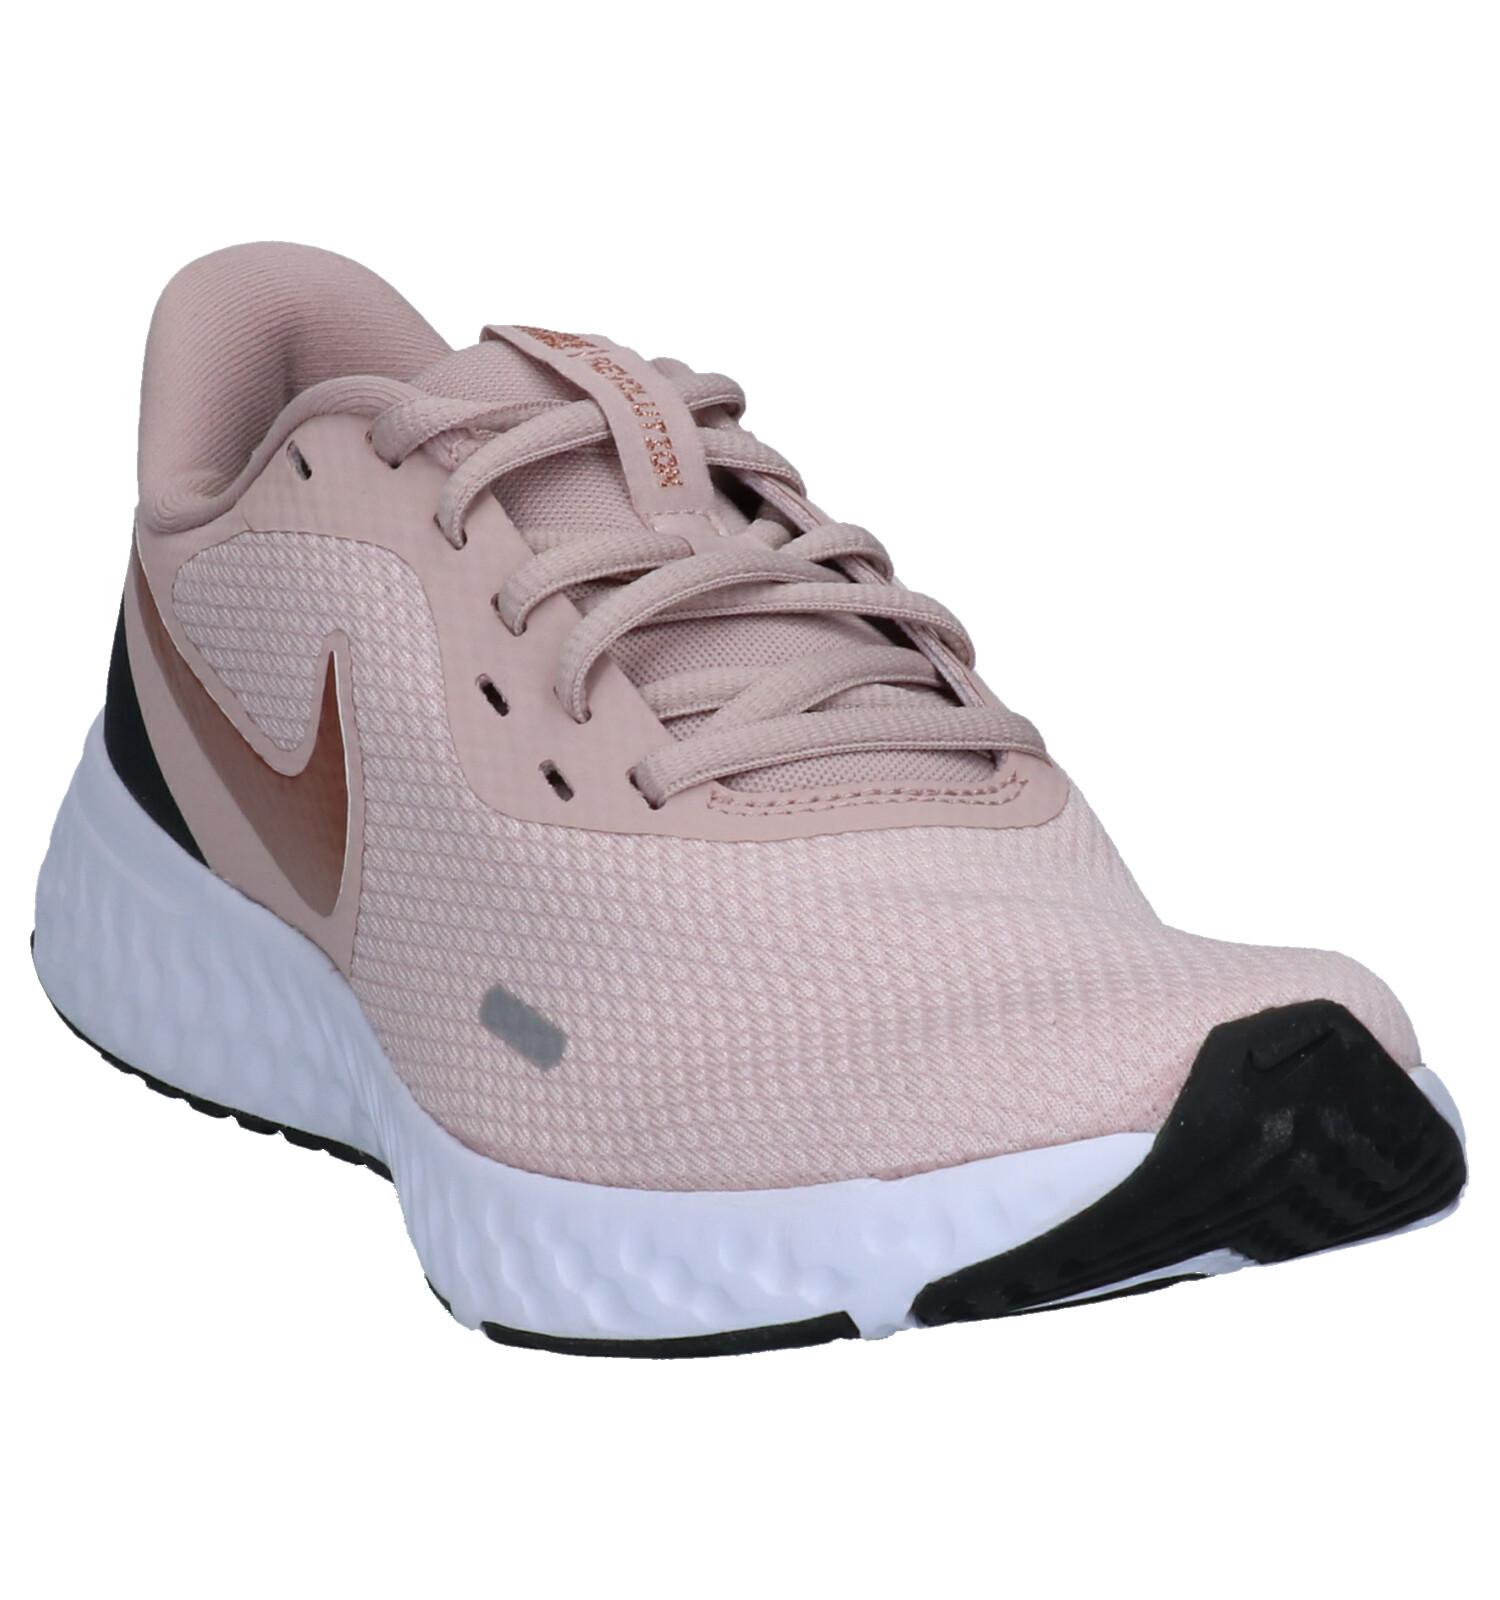 Nike Revolution 5 Baskets en Rose | TORFS.BE | Livraison et